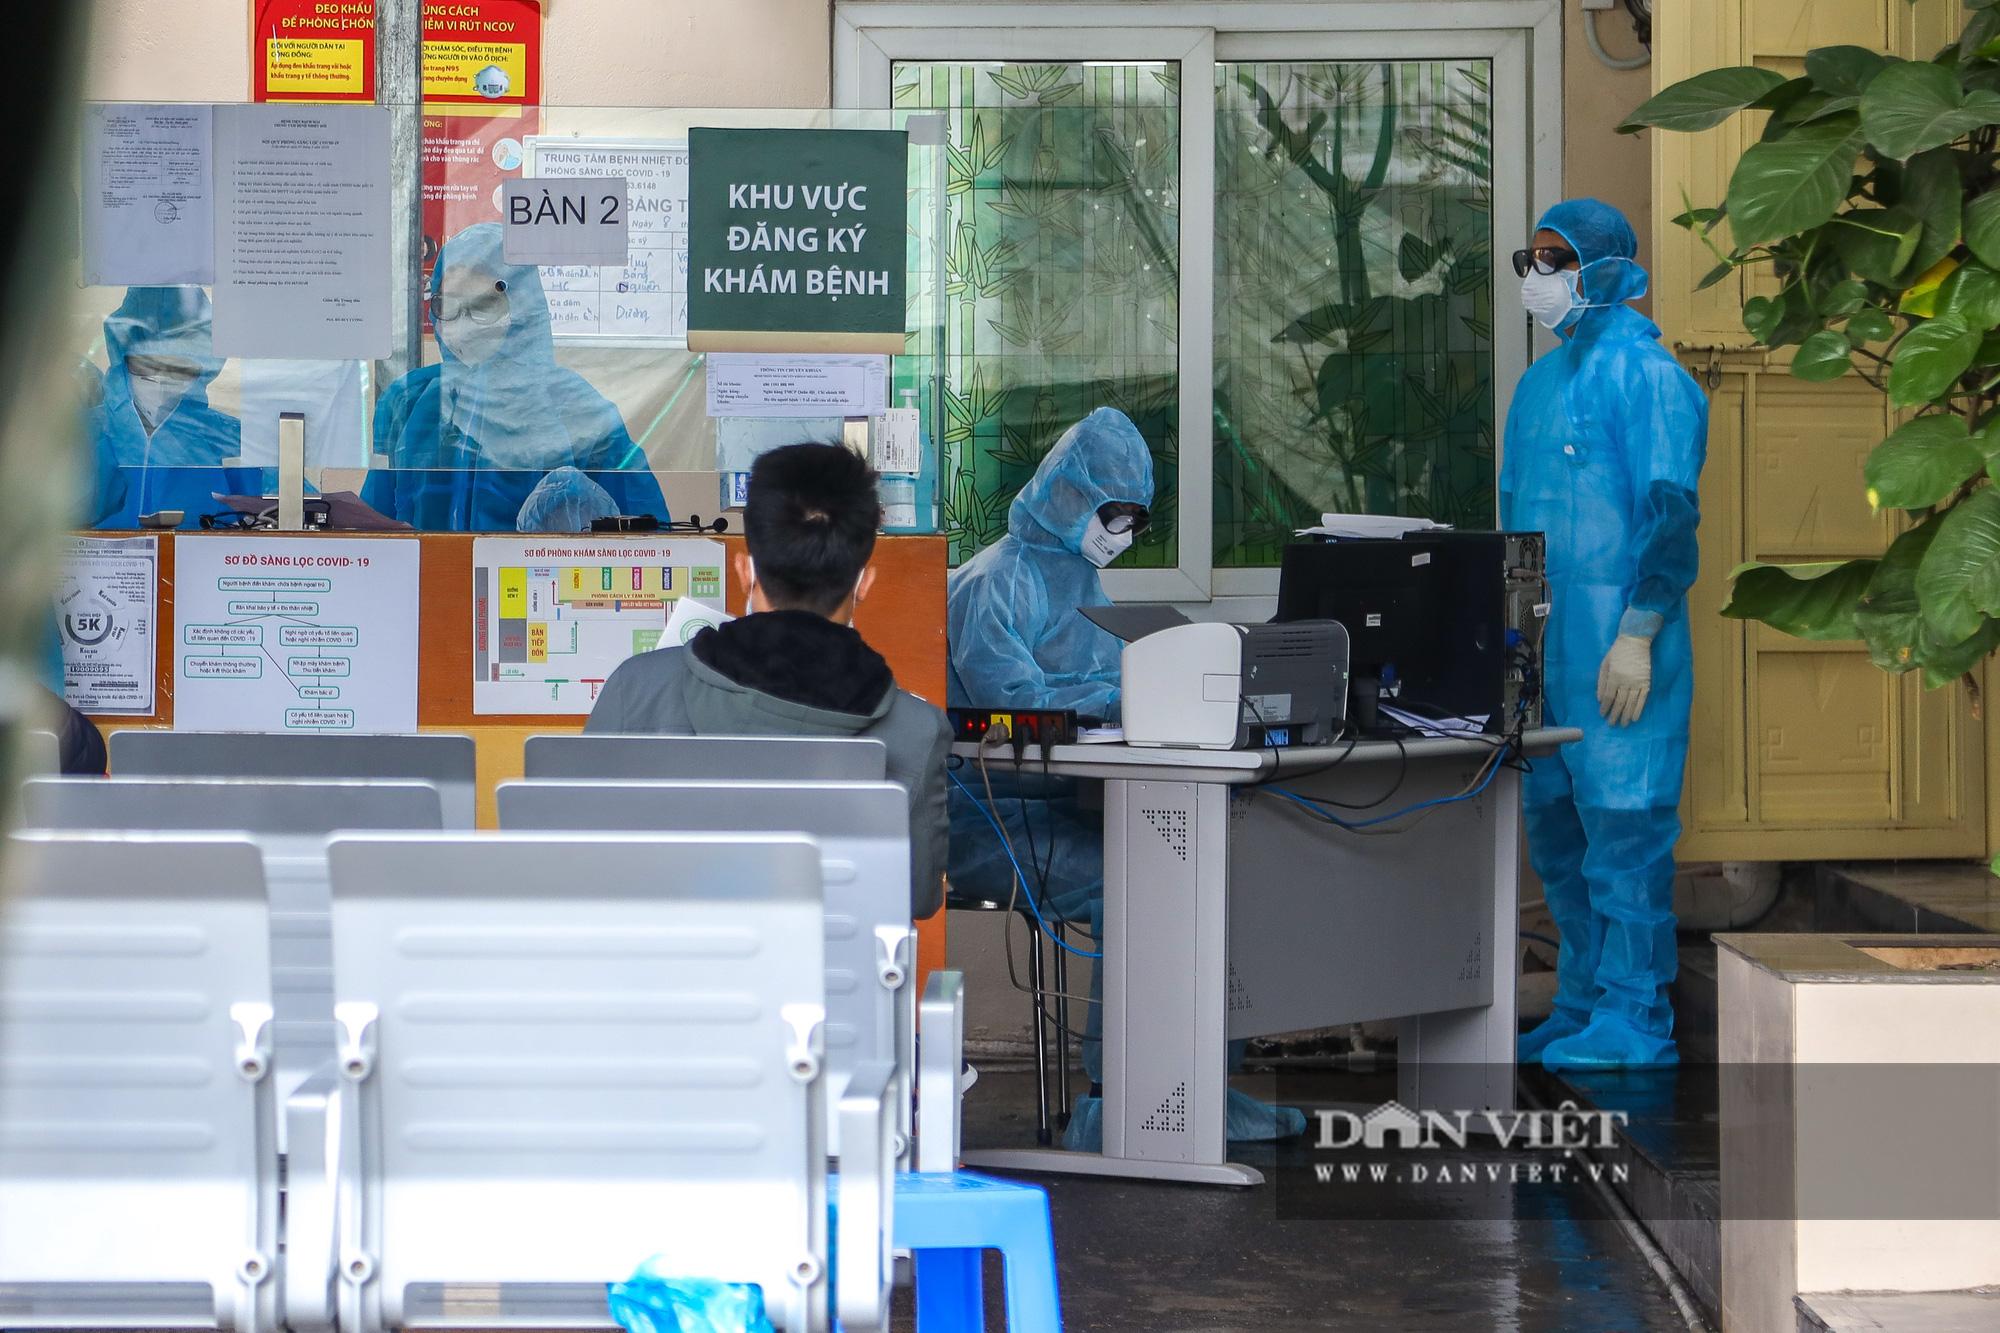 Cận cảnh bệnh viện dã chiến xây trong 4 tiếng ở Hà Nội  - Ảnh 4.